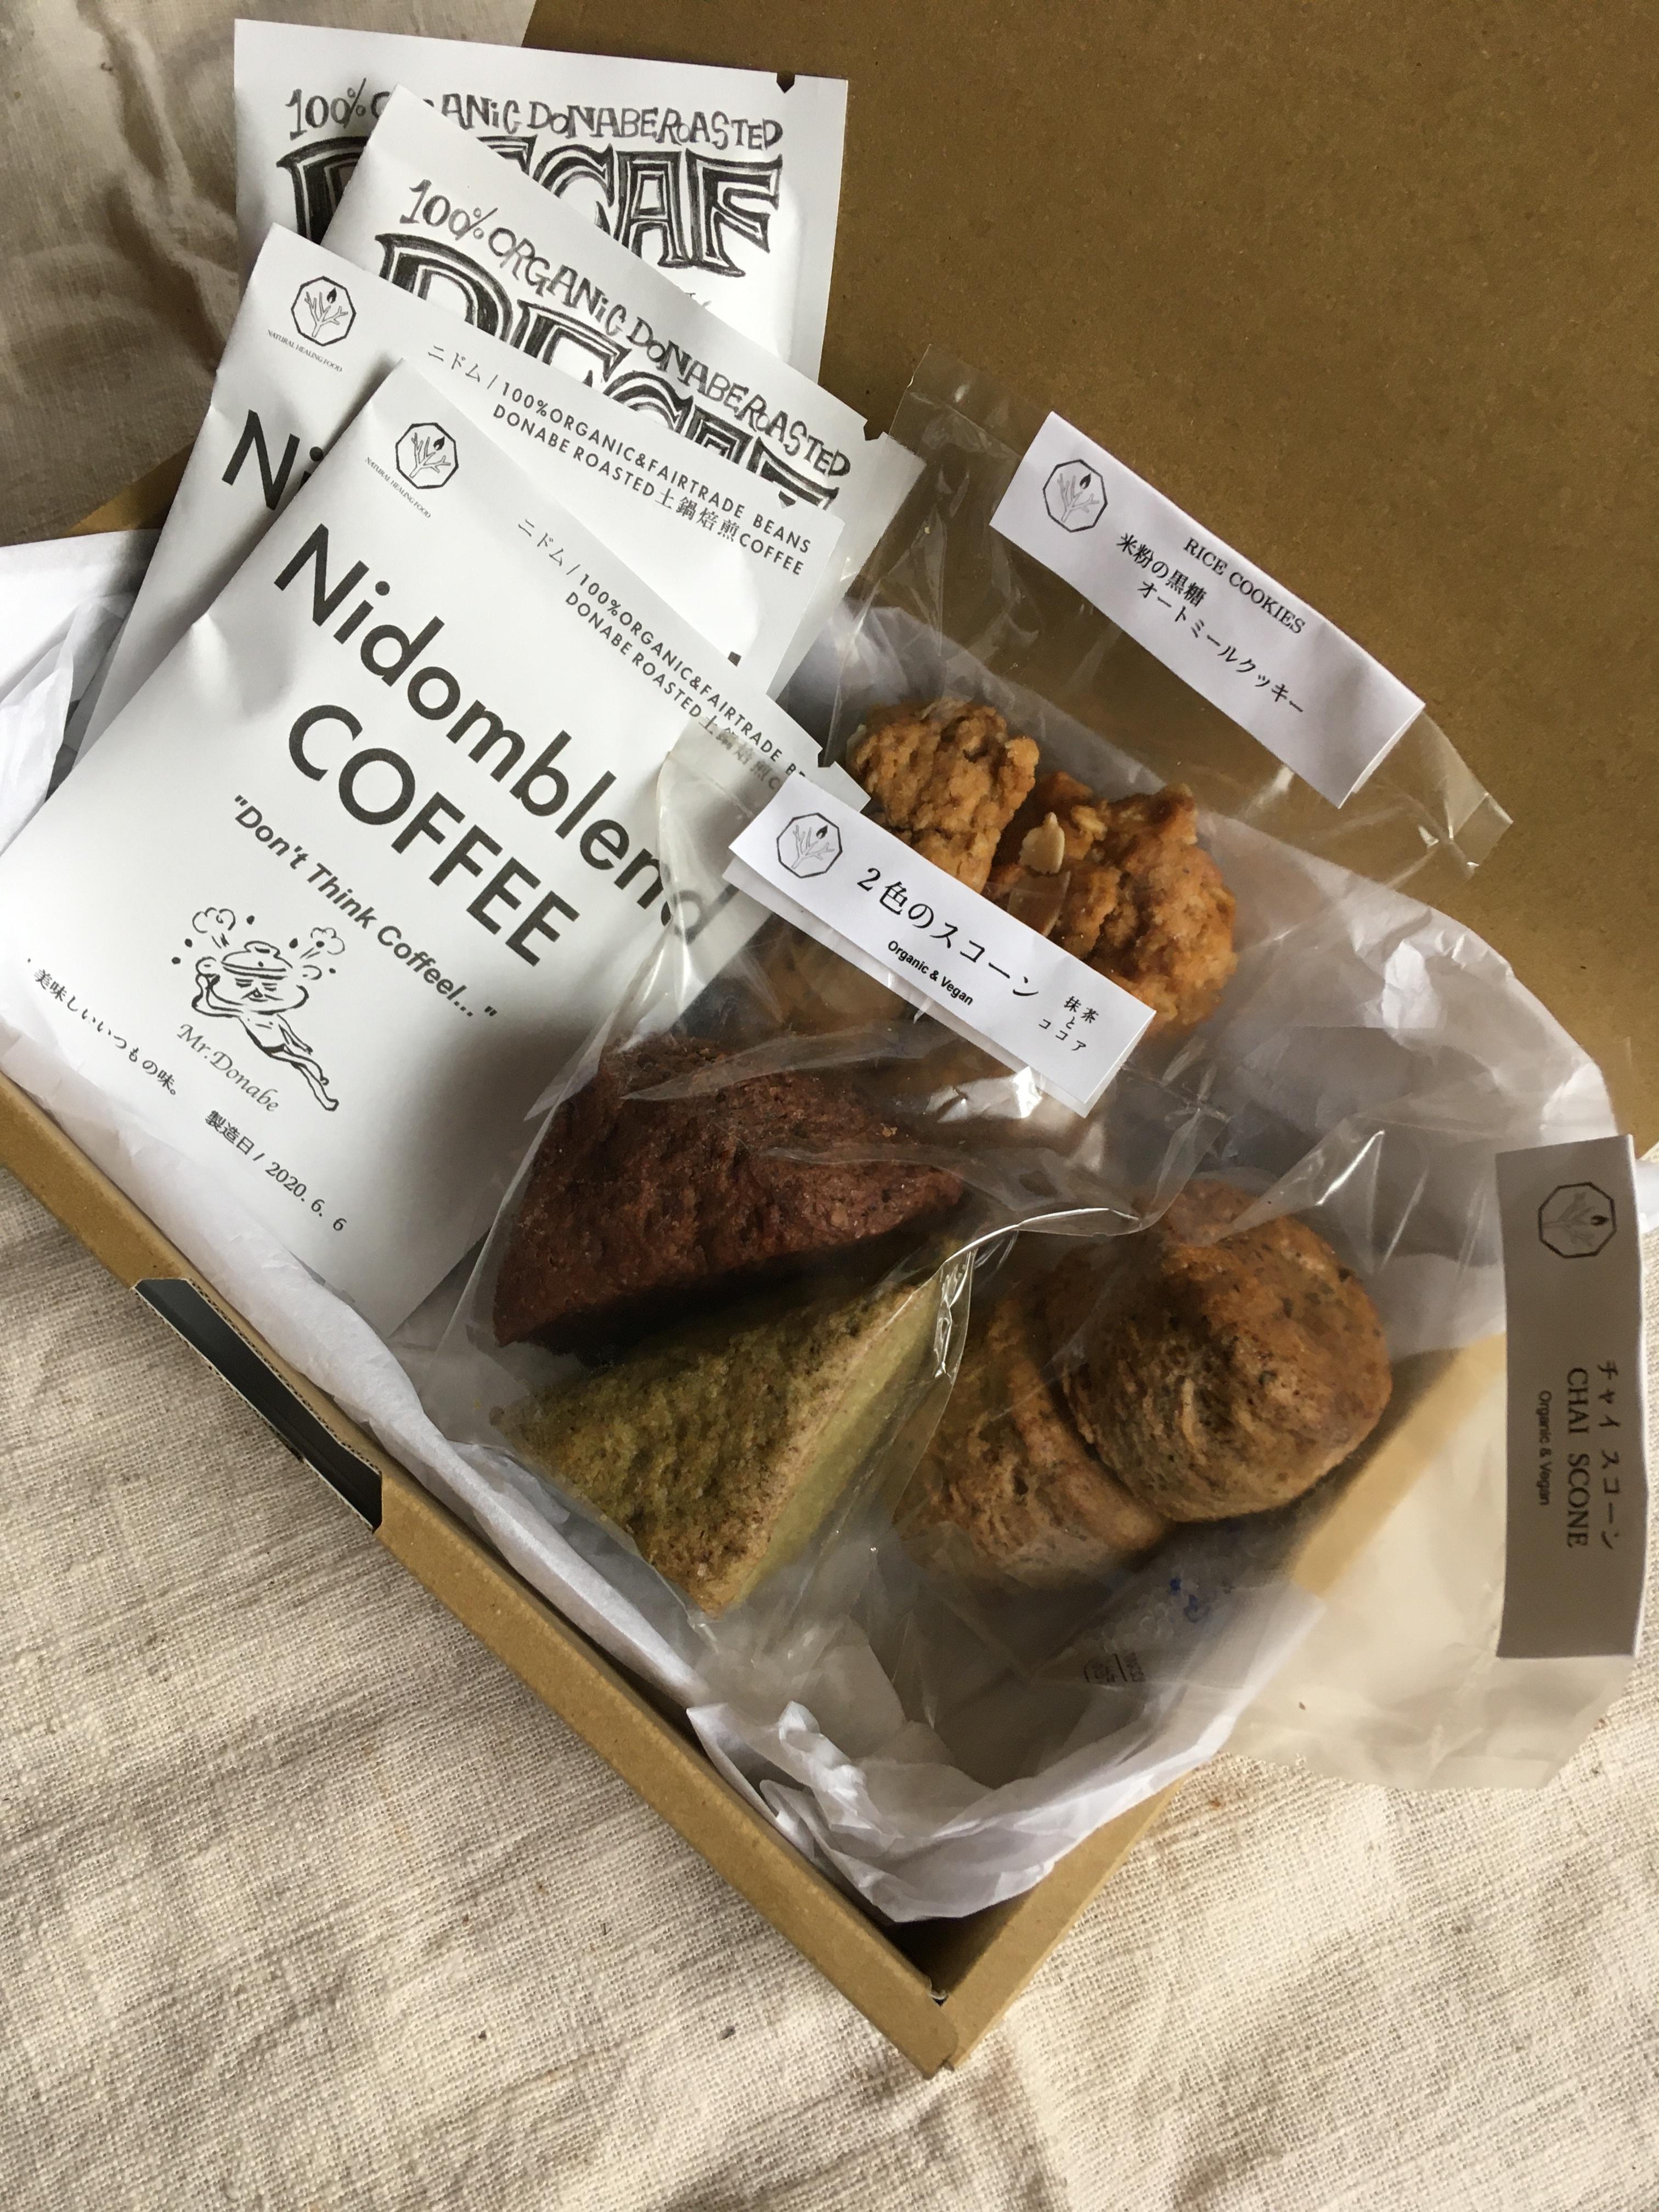 お家カフェセット③「COFFEEドリップパックと焼き菓子」 - 画像1